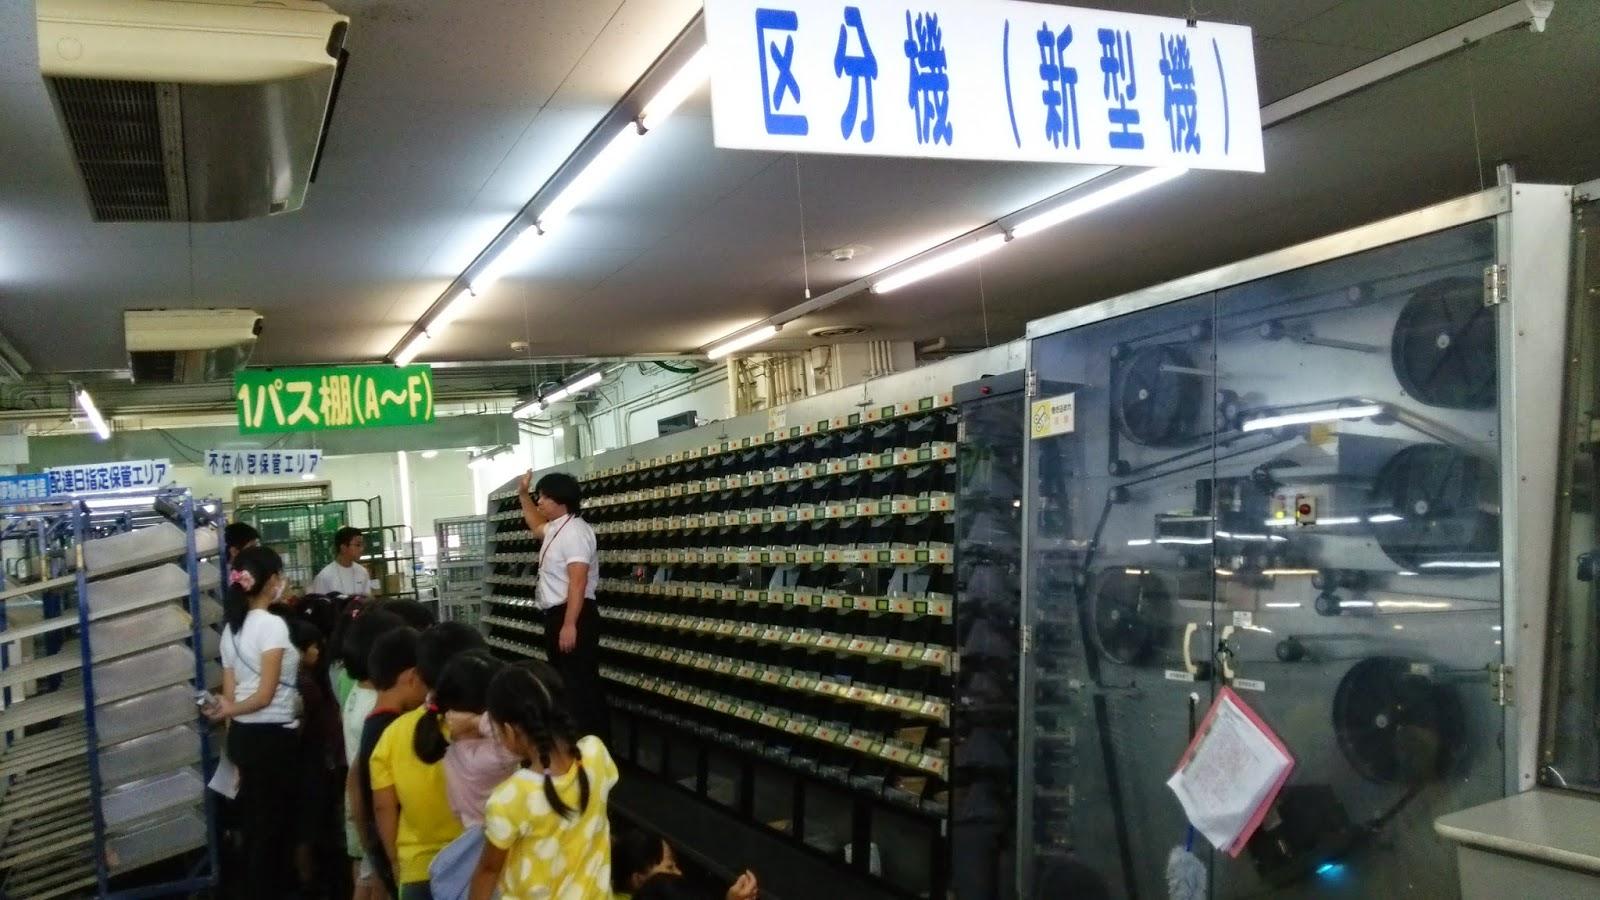 郵便局(物流の郵便事業部門)で利用されている輸送用物品 ...